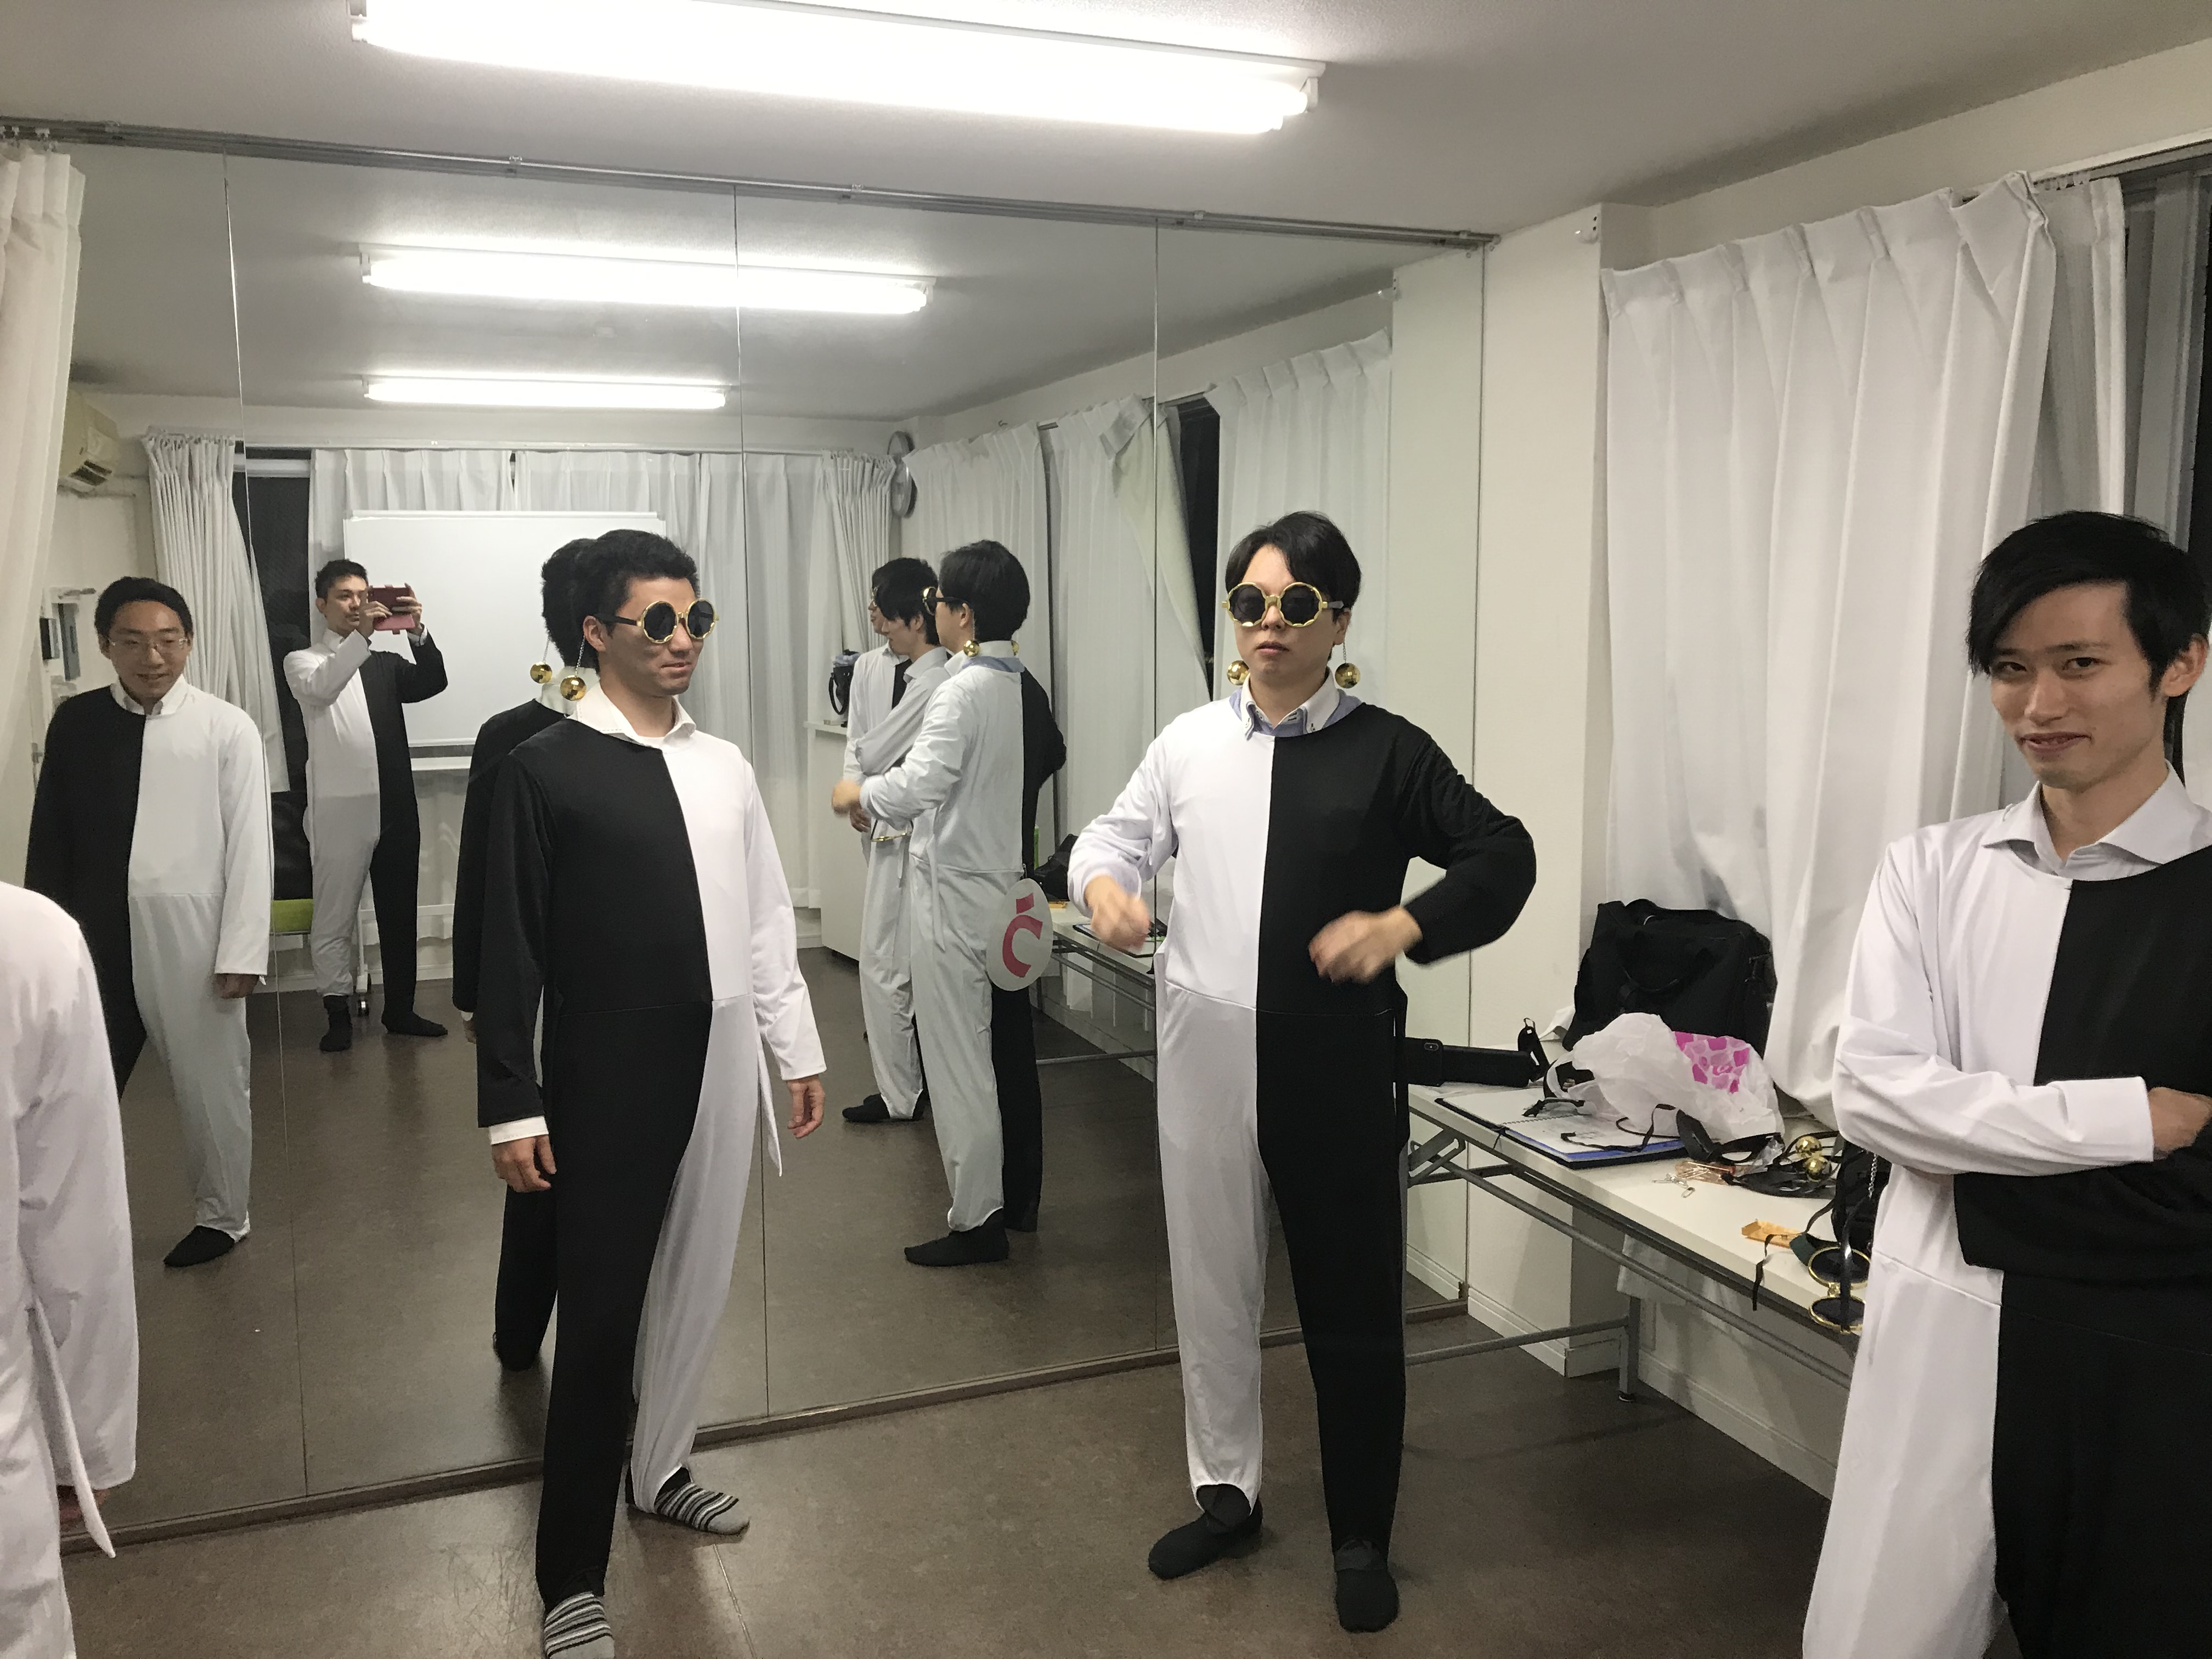 錯覚ダンス衣装の白黒タイツ